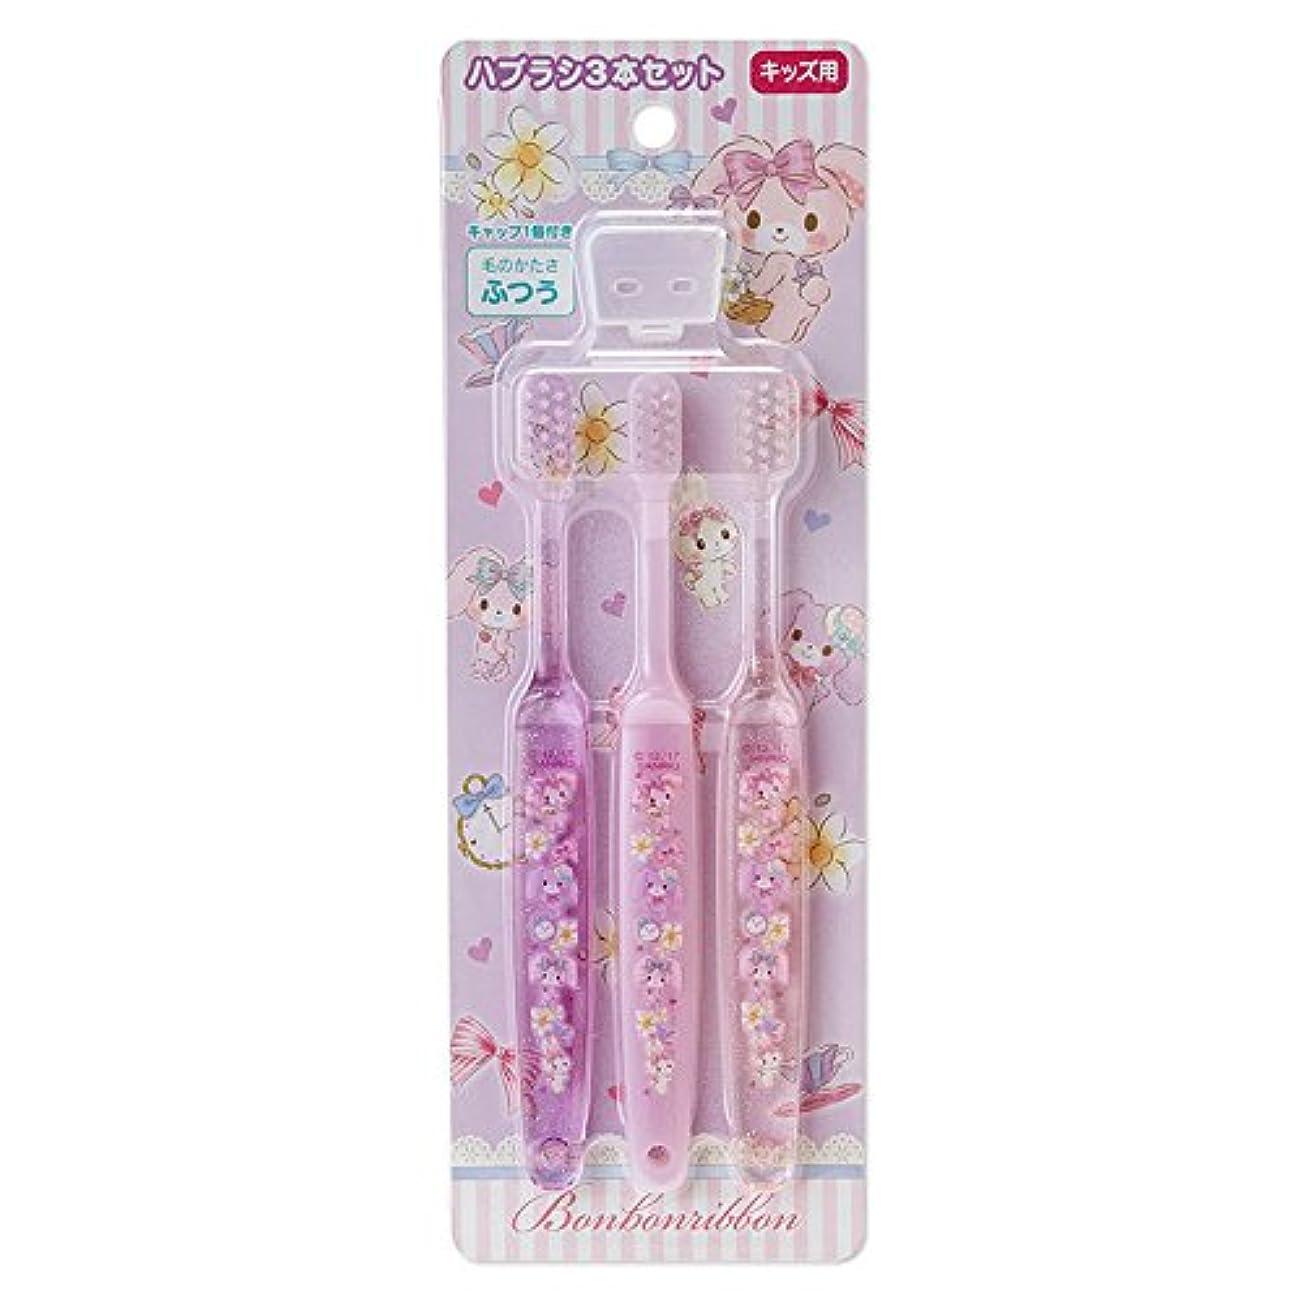 ネックレットスナップ高音ぼんぼんりぼん キッズ歯ブラシ3本セット